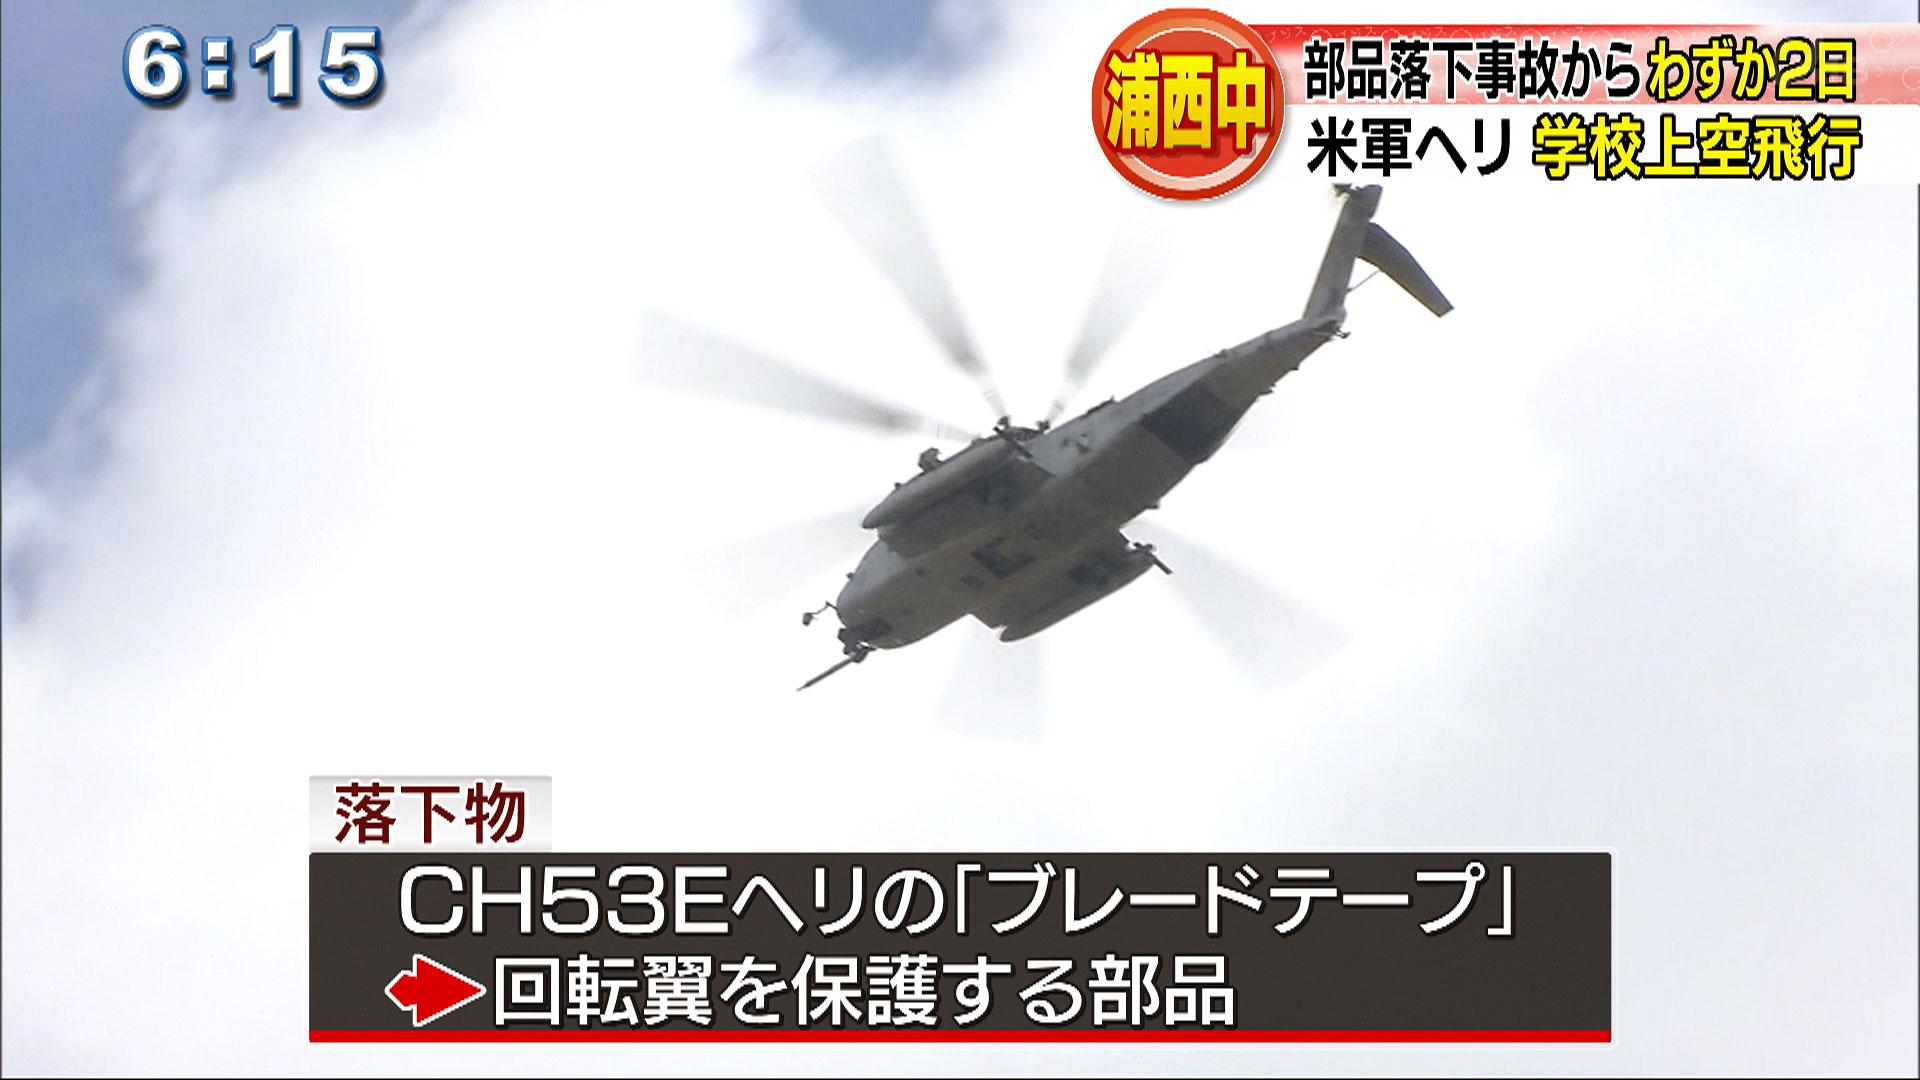 落下事故から2日 浦西中学校で米軍ヘリ確認